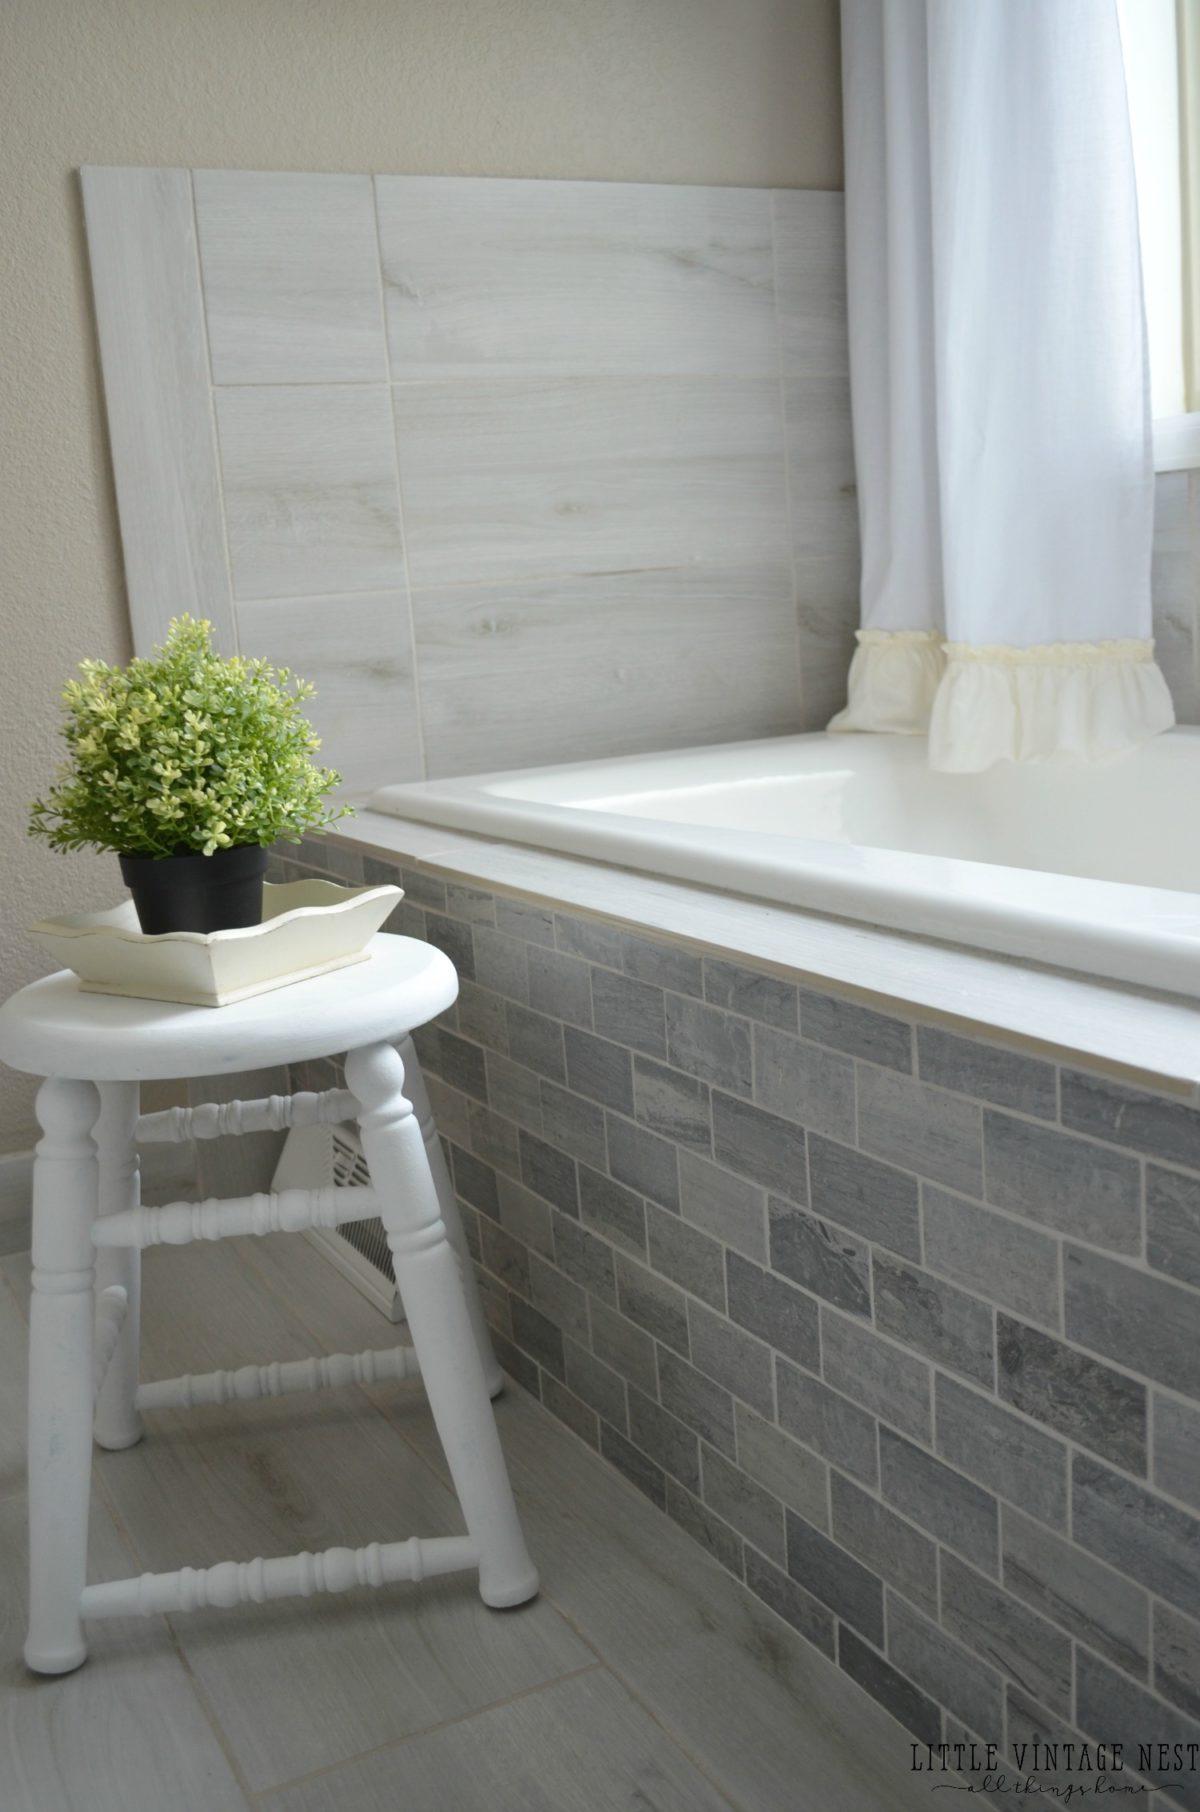 Farmhouse Master Bathroom Reveal - Little Vintage Nest on Farmhouse Tile  id=69447